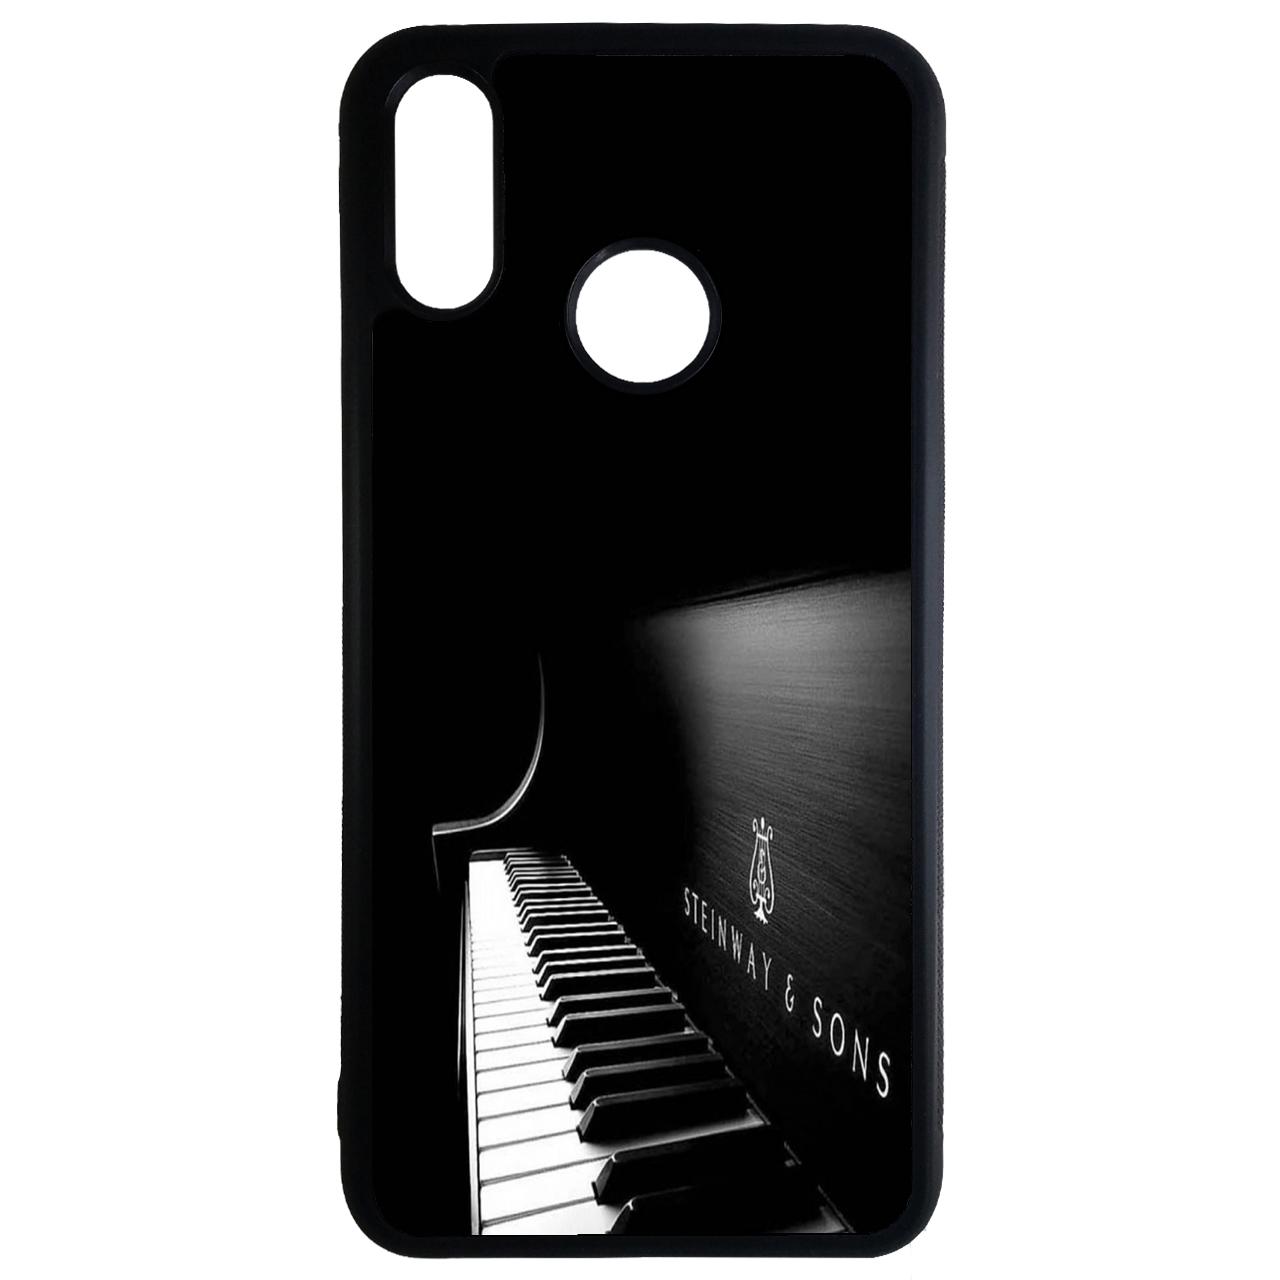 کاور طرح پیانو کد 11050646 مناسب برای گوشی موبایل هوآوی y7 2019